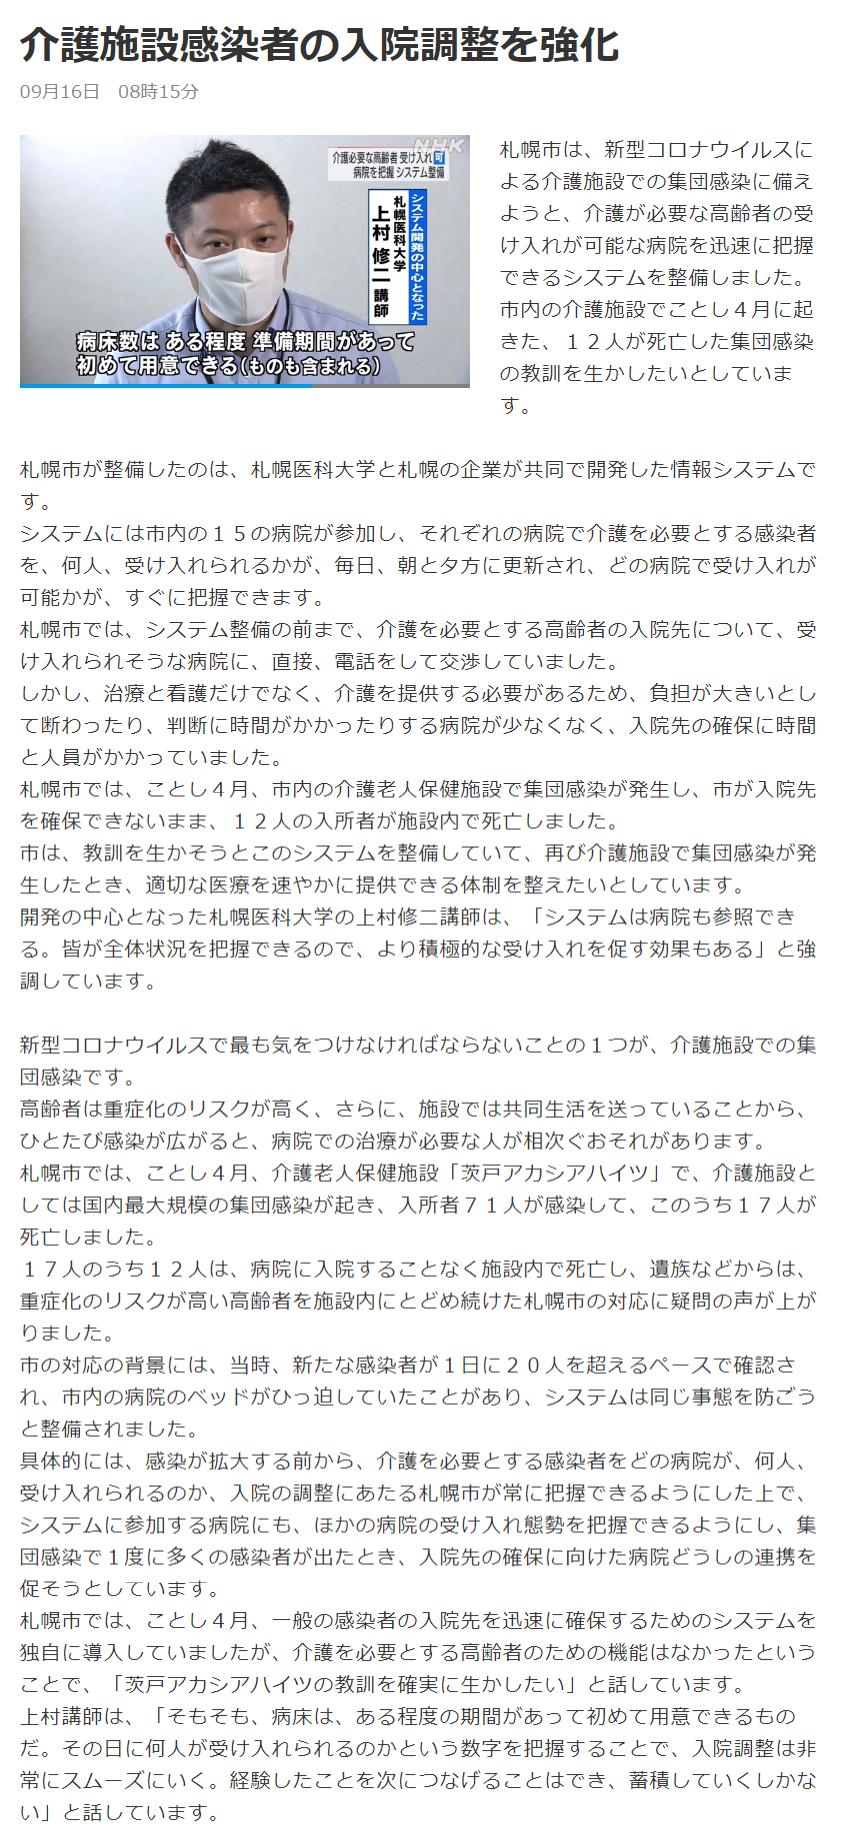 医科 大学 コロナ 札幌